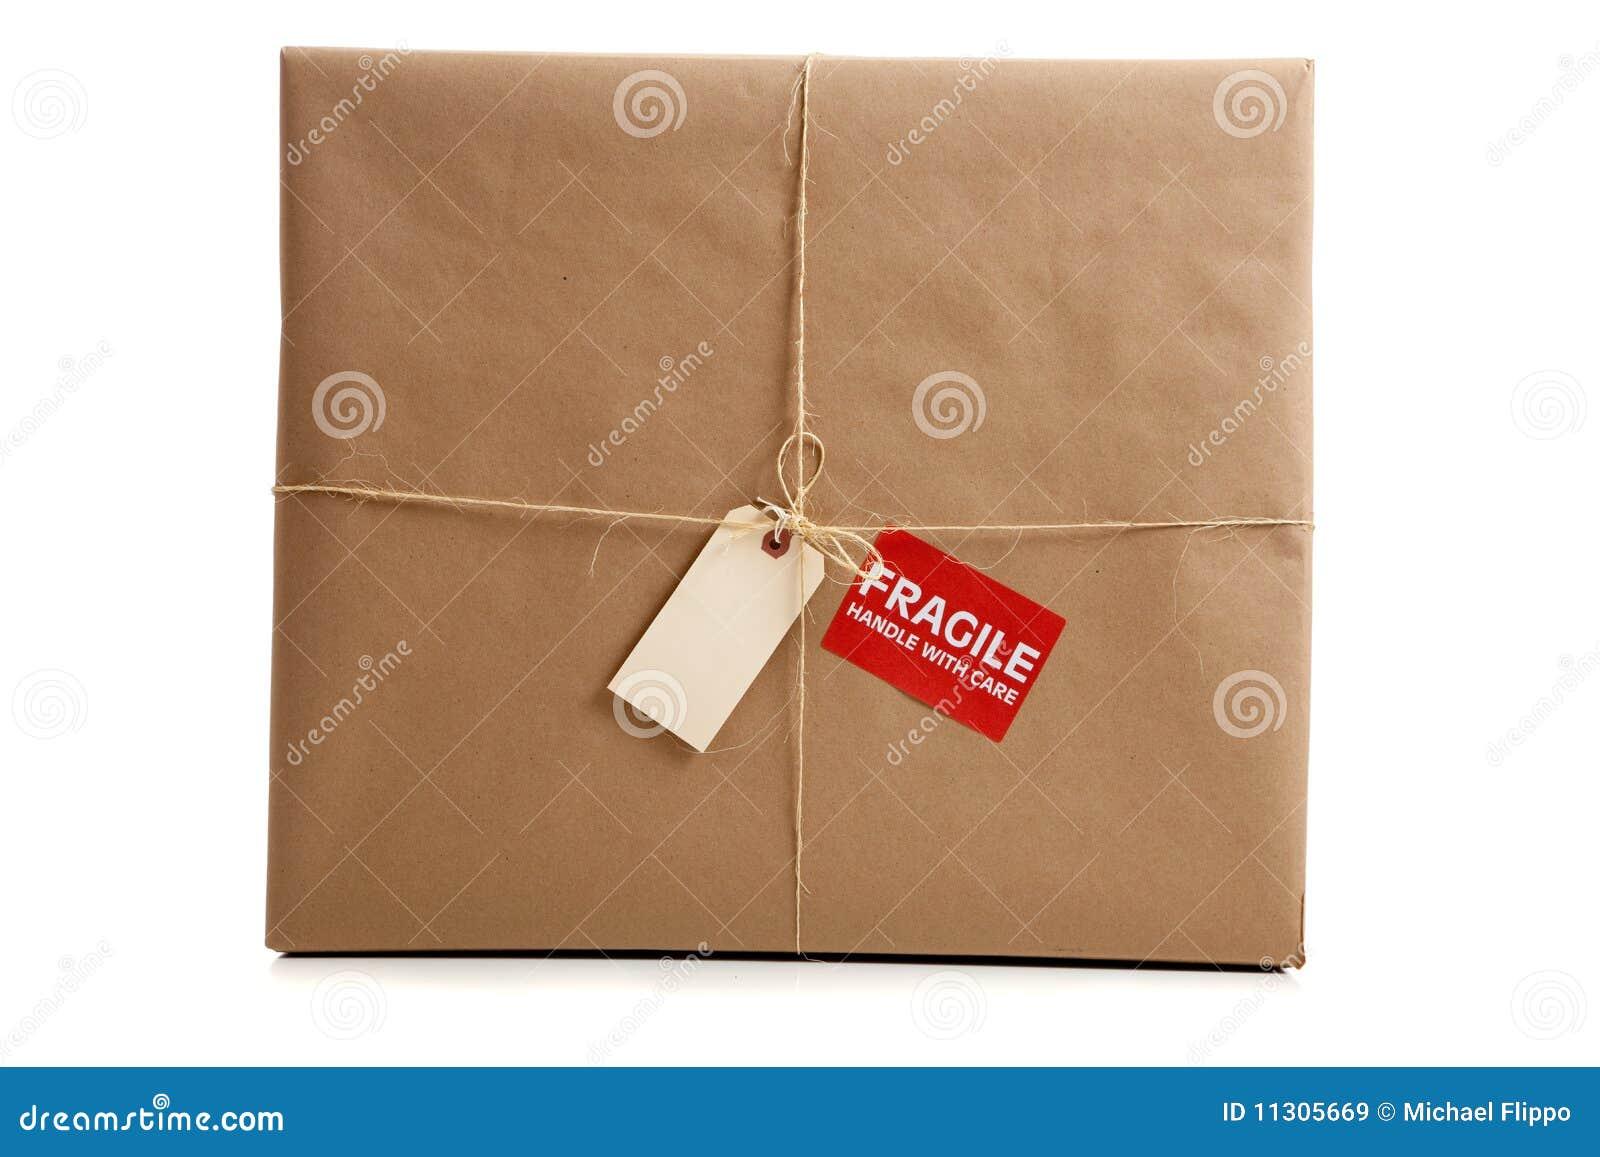 Ein Kasten eingewickelt im braunen Papier mit unbelegter Marke